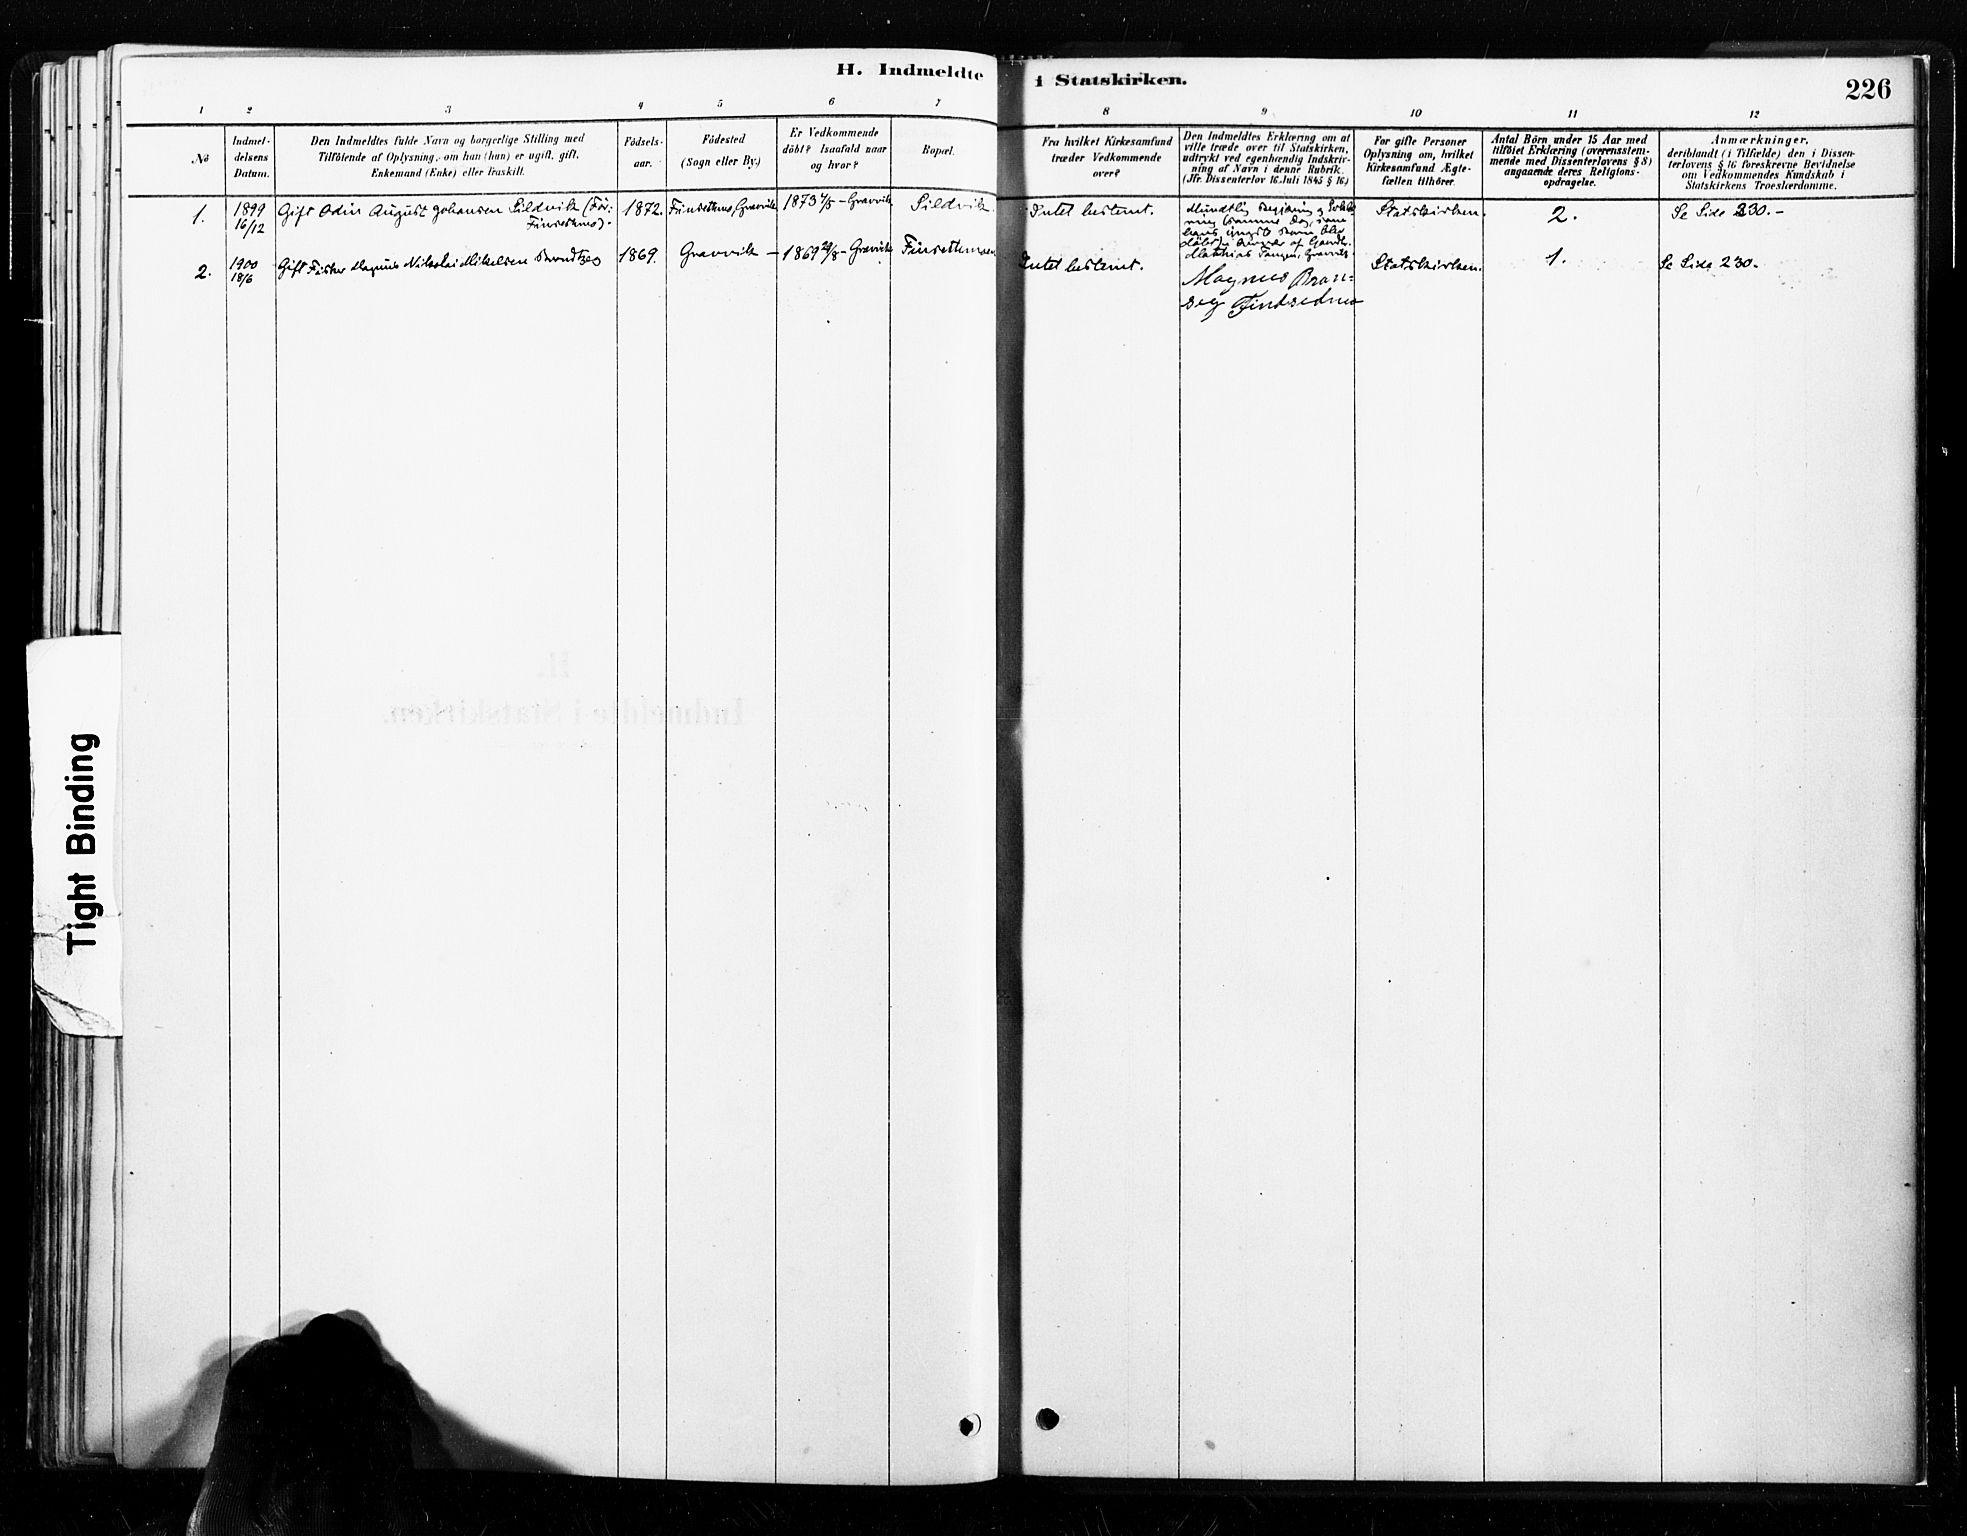 SAT, Ministerialprotokoller, klokkerbøker og fødselsregistre - Nord-Trøndelag, 789/L0705: Ministerialbok nr. 789A01, 1878-1910, s. 226